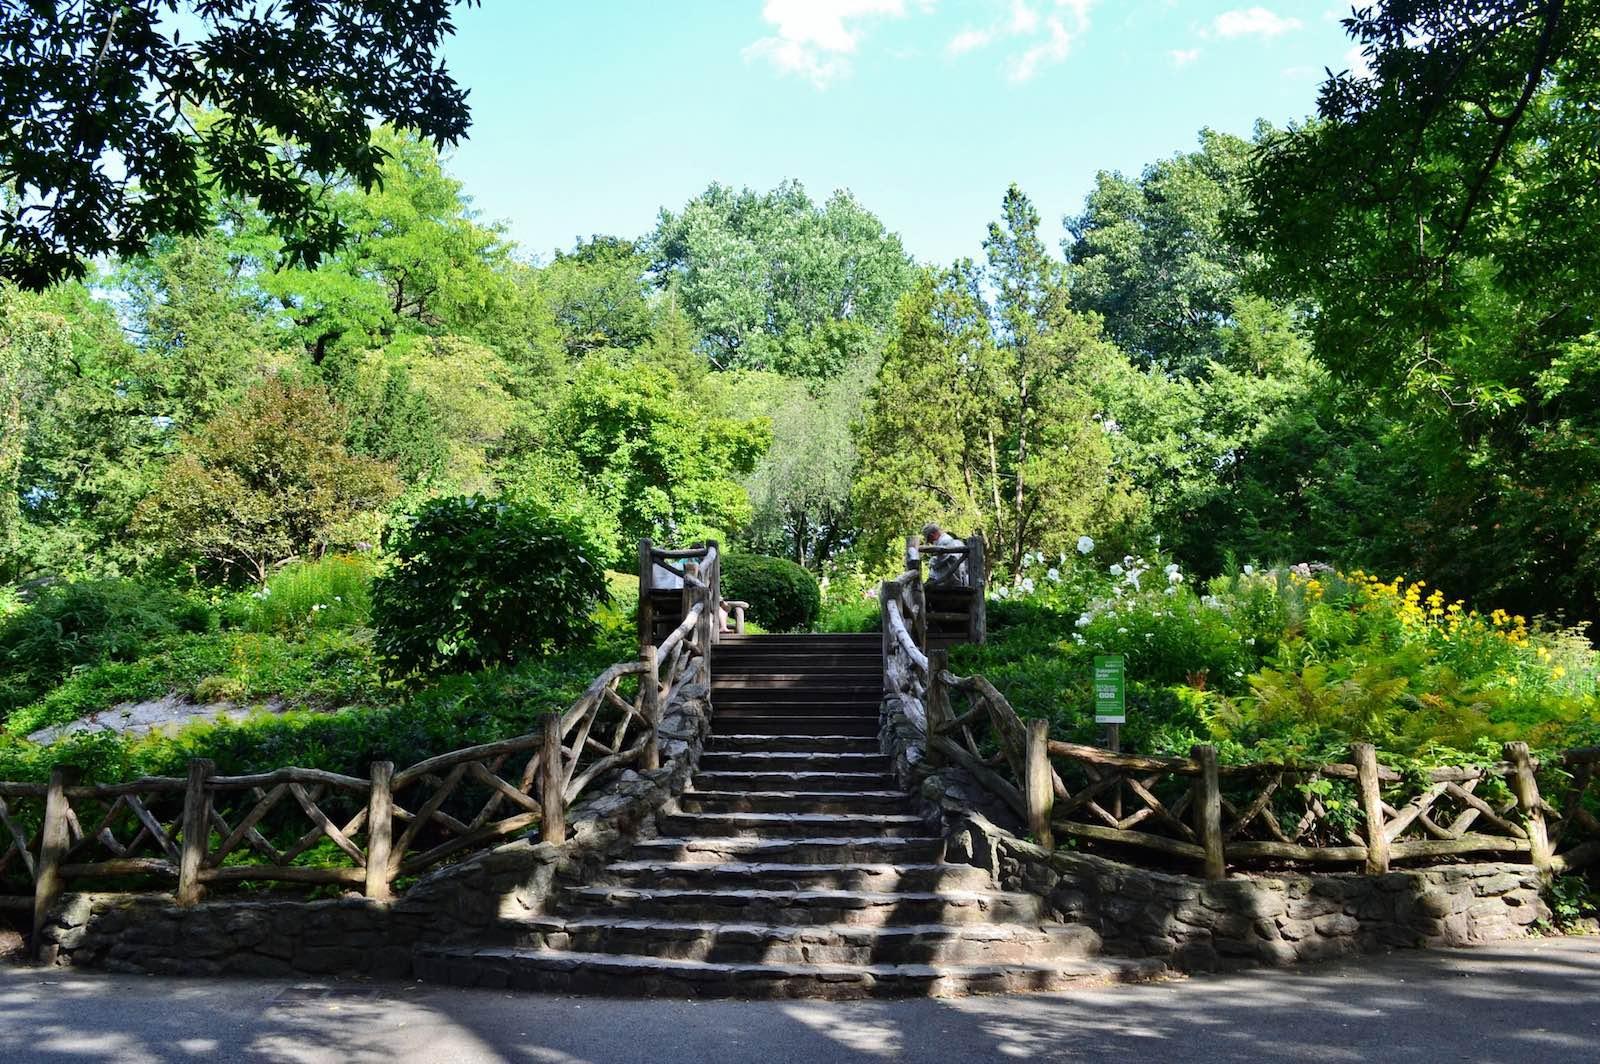 Sommer im Central Park